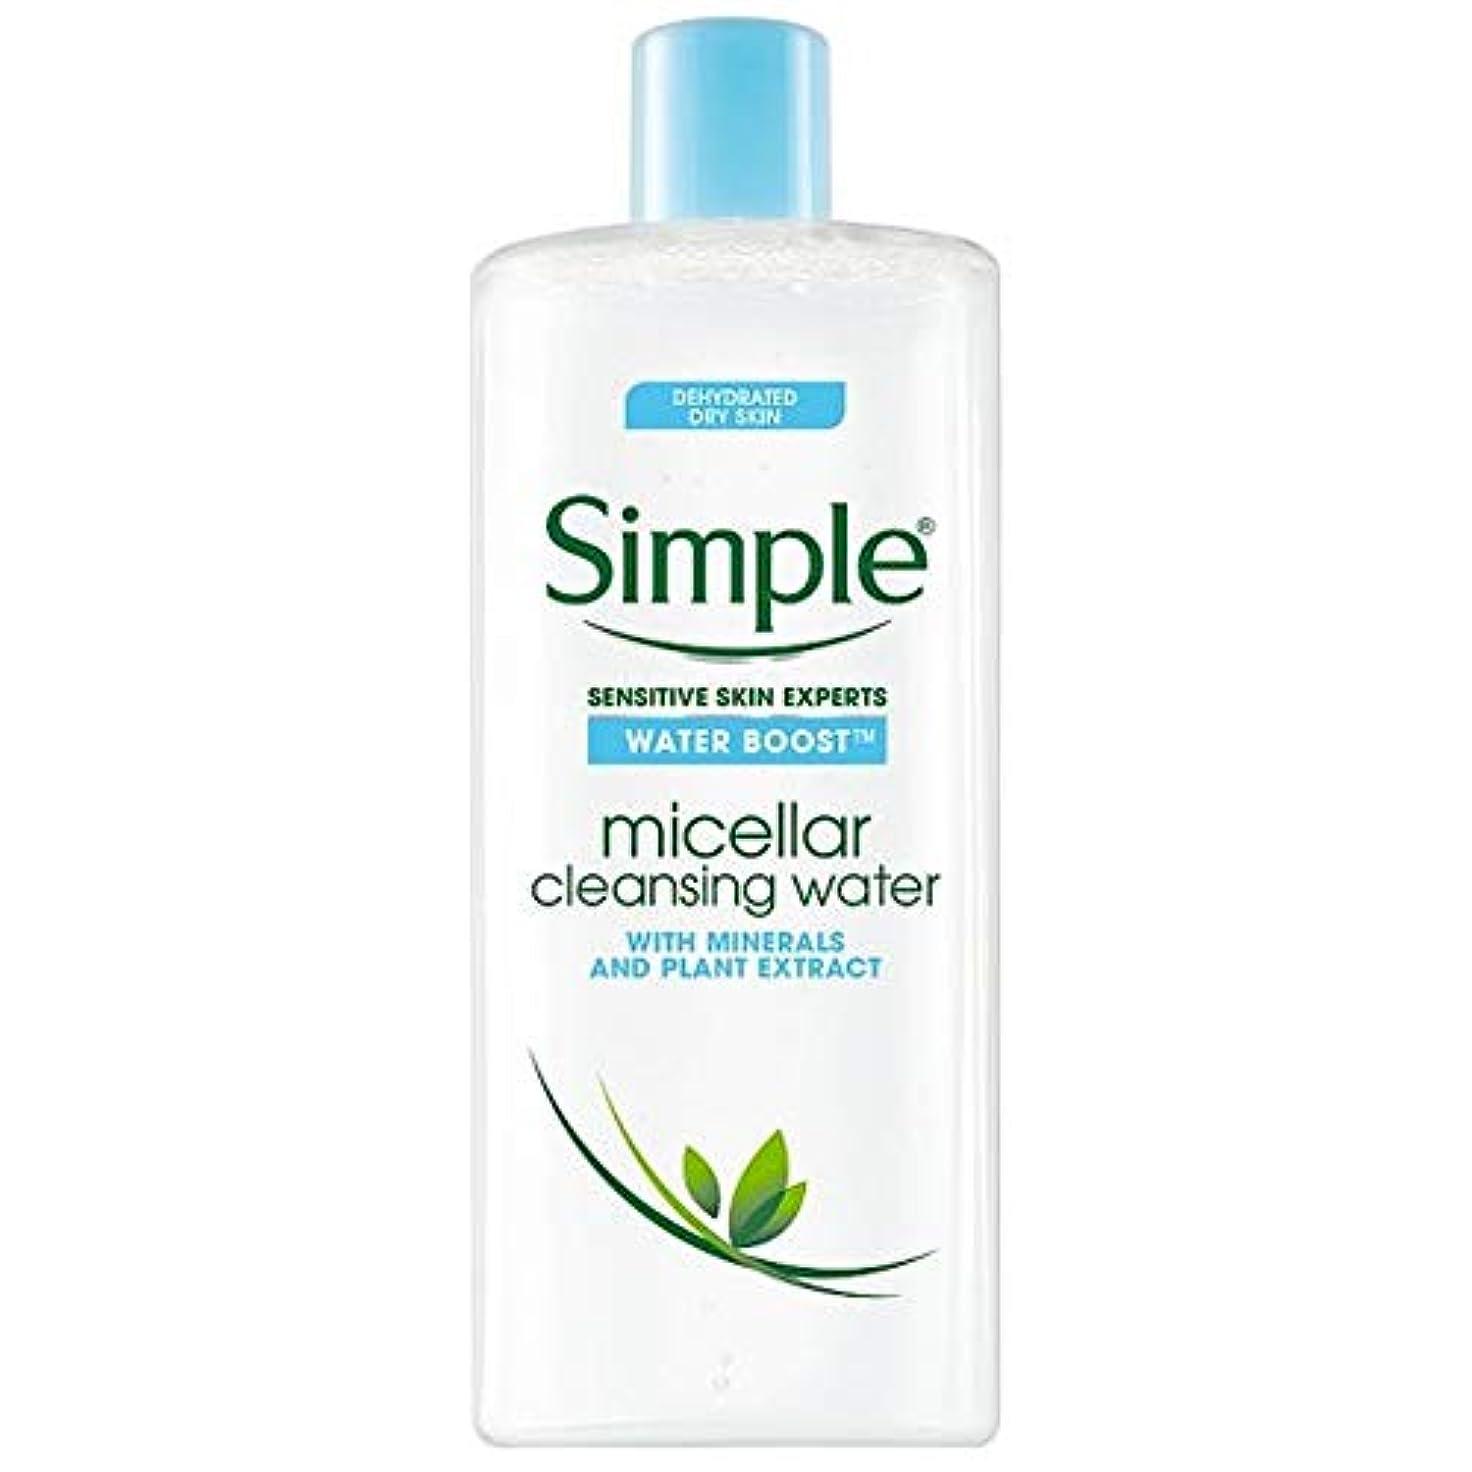 辞任子孫ニコチン[Simple] シンプルな水ブーストミセル洗浄水400ミリリットル - Simple Water Boost Micellar Cleansing Water 400Ml [並行輸入品]